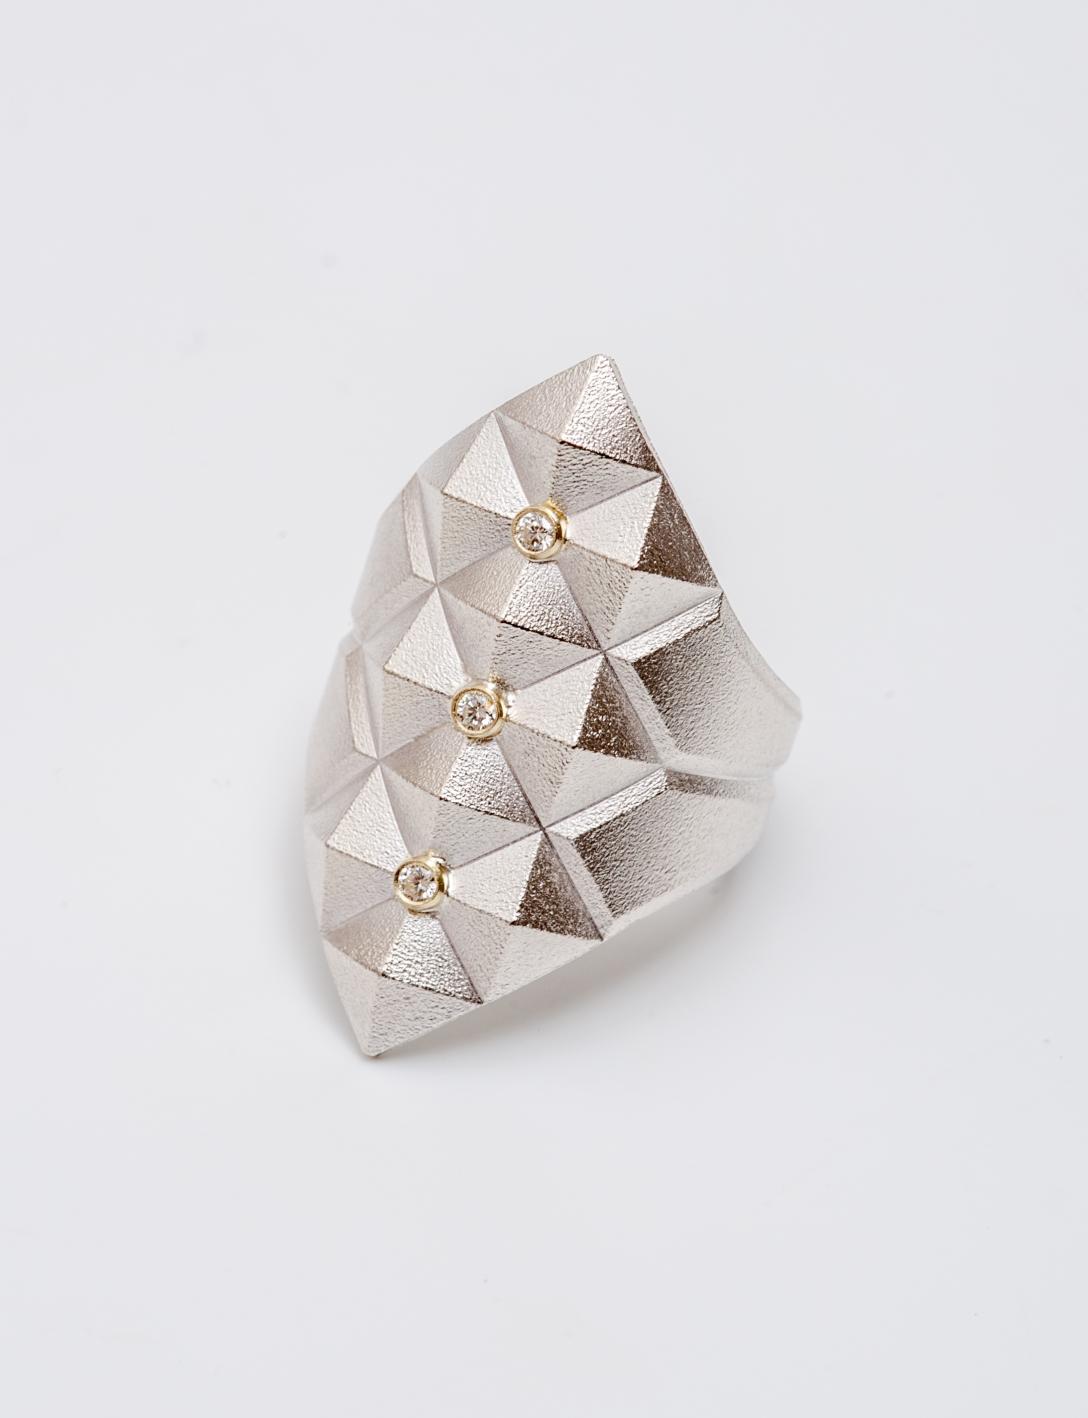 Samora - Diamond Pyramid Ring.JPG